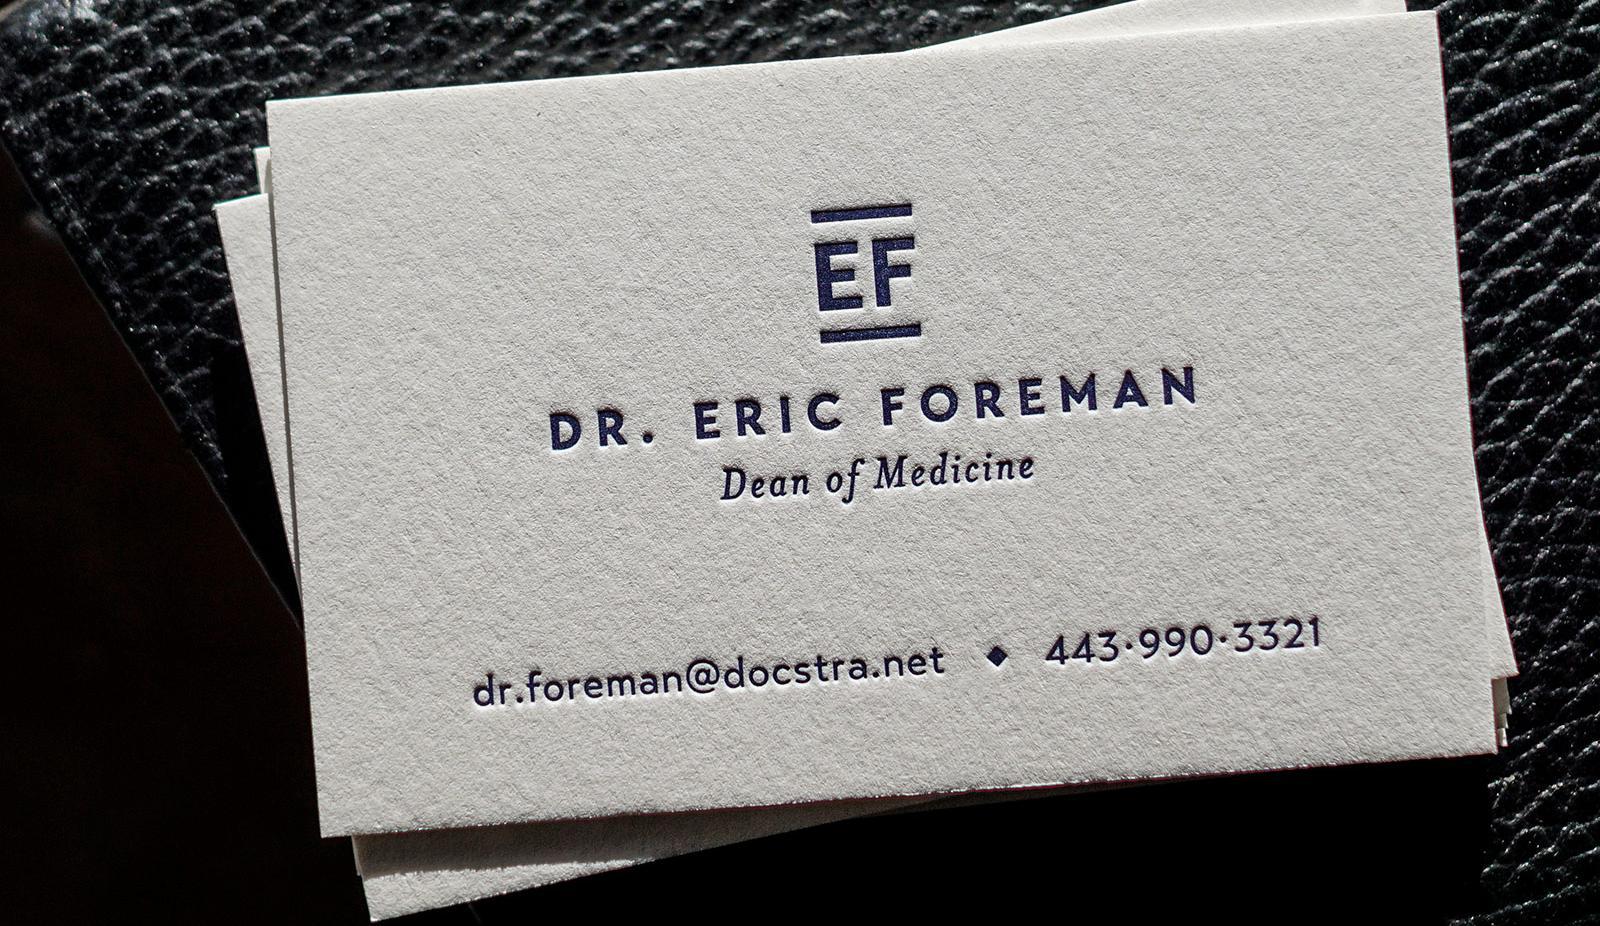 dr_eric_foreman_1_1600.jpg